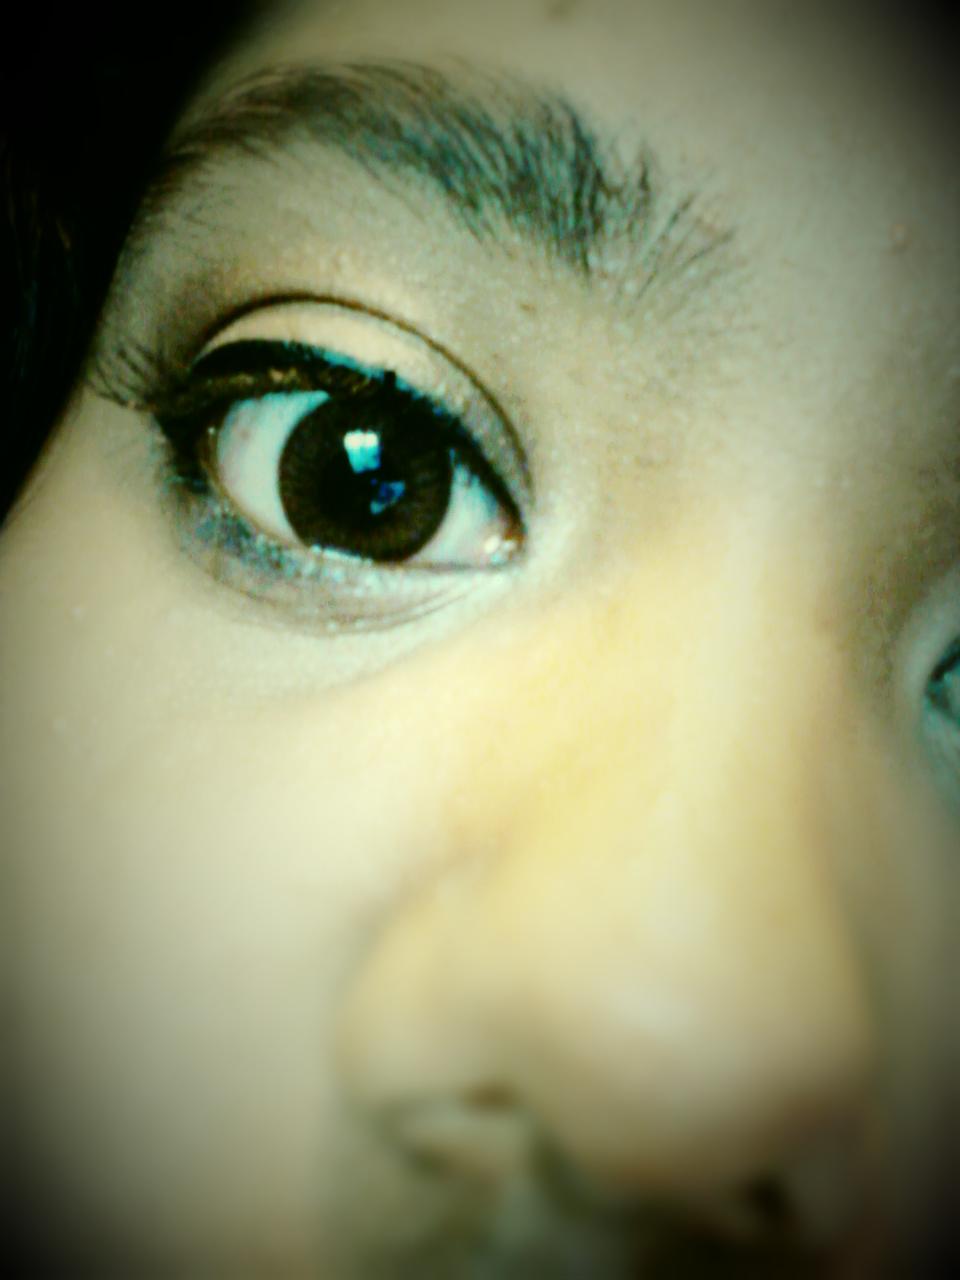 How To Make Ur Eyes Bigger Naturally